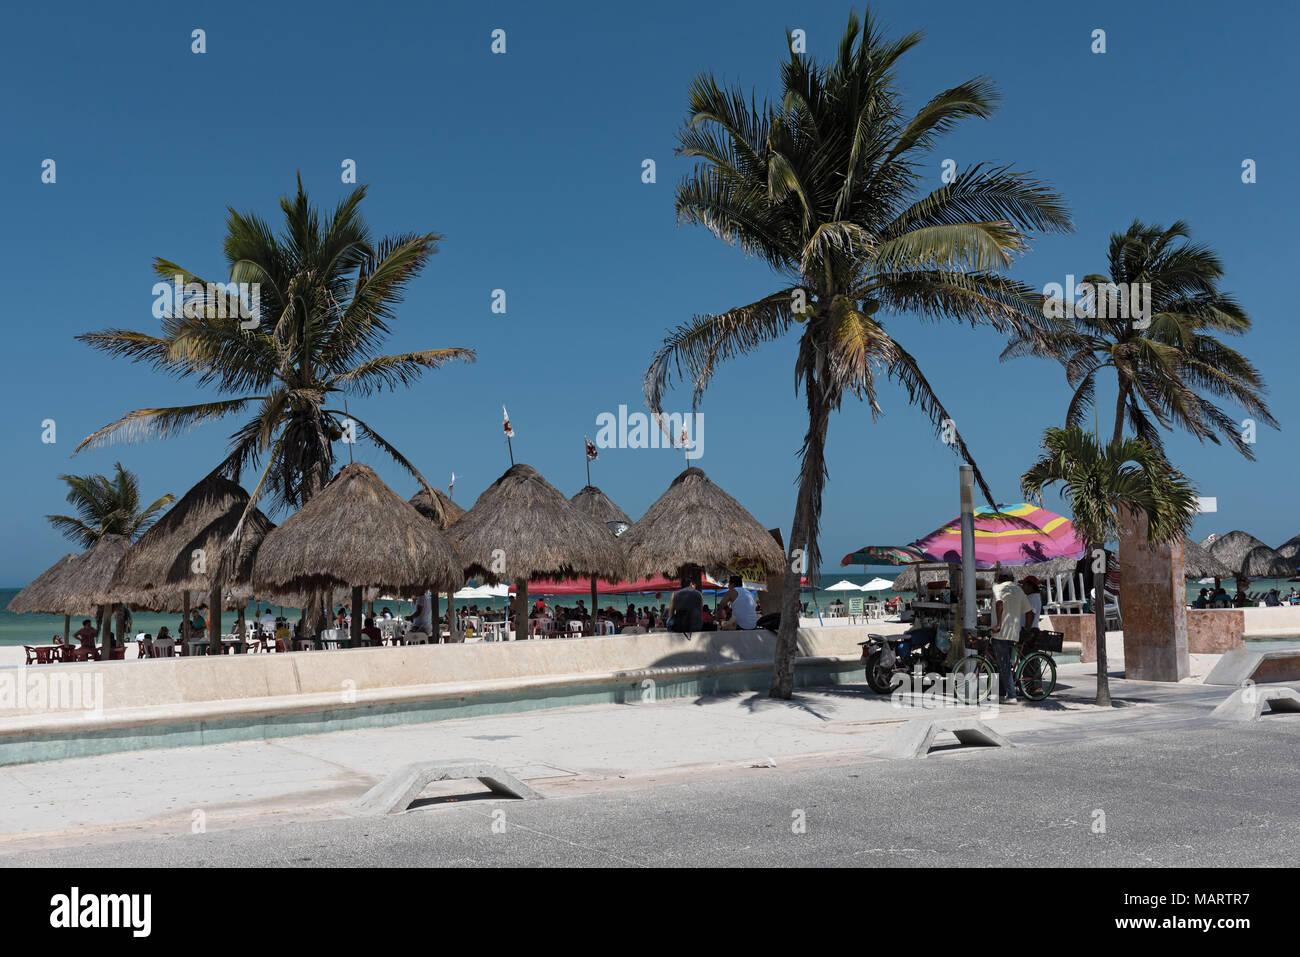 Souvenir stalls on the beach promenade of Progreso, Yucatan, Mexico - Stock Image